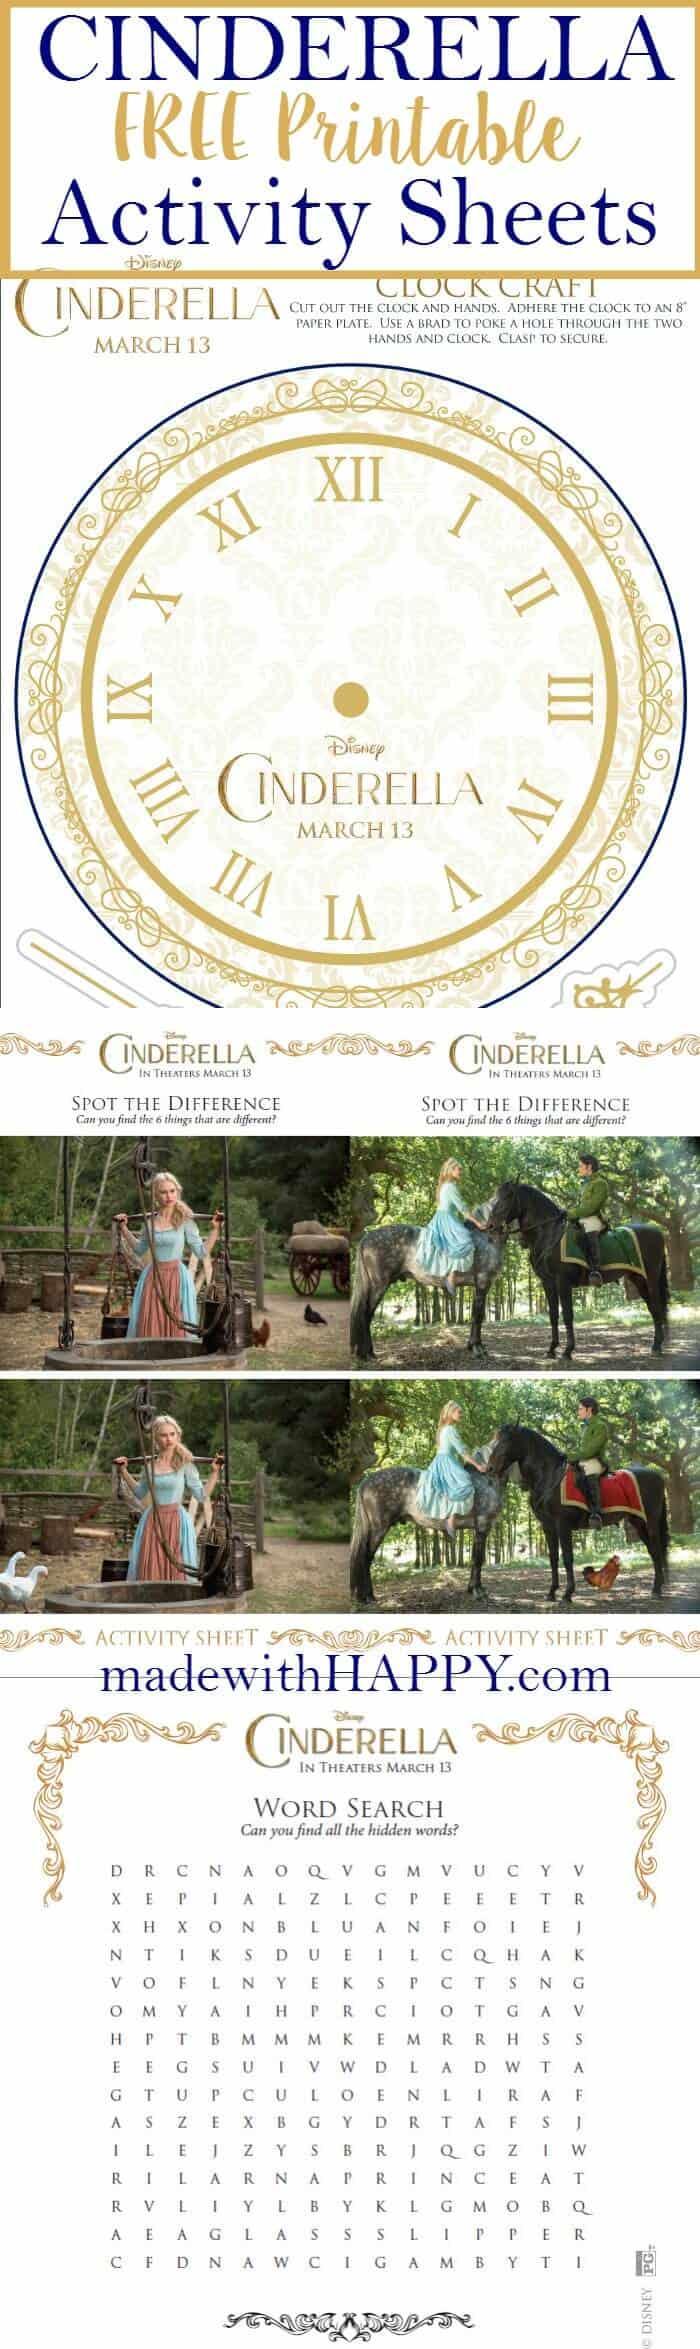 Cinderella-Activity-Sheets-Pin